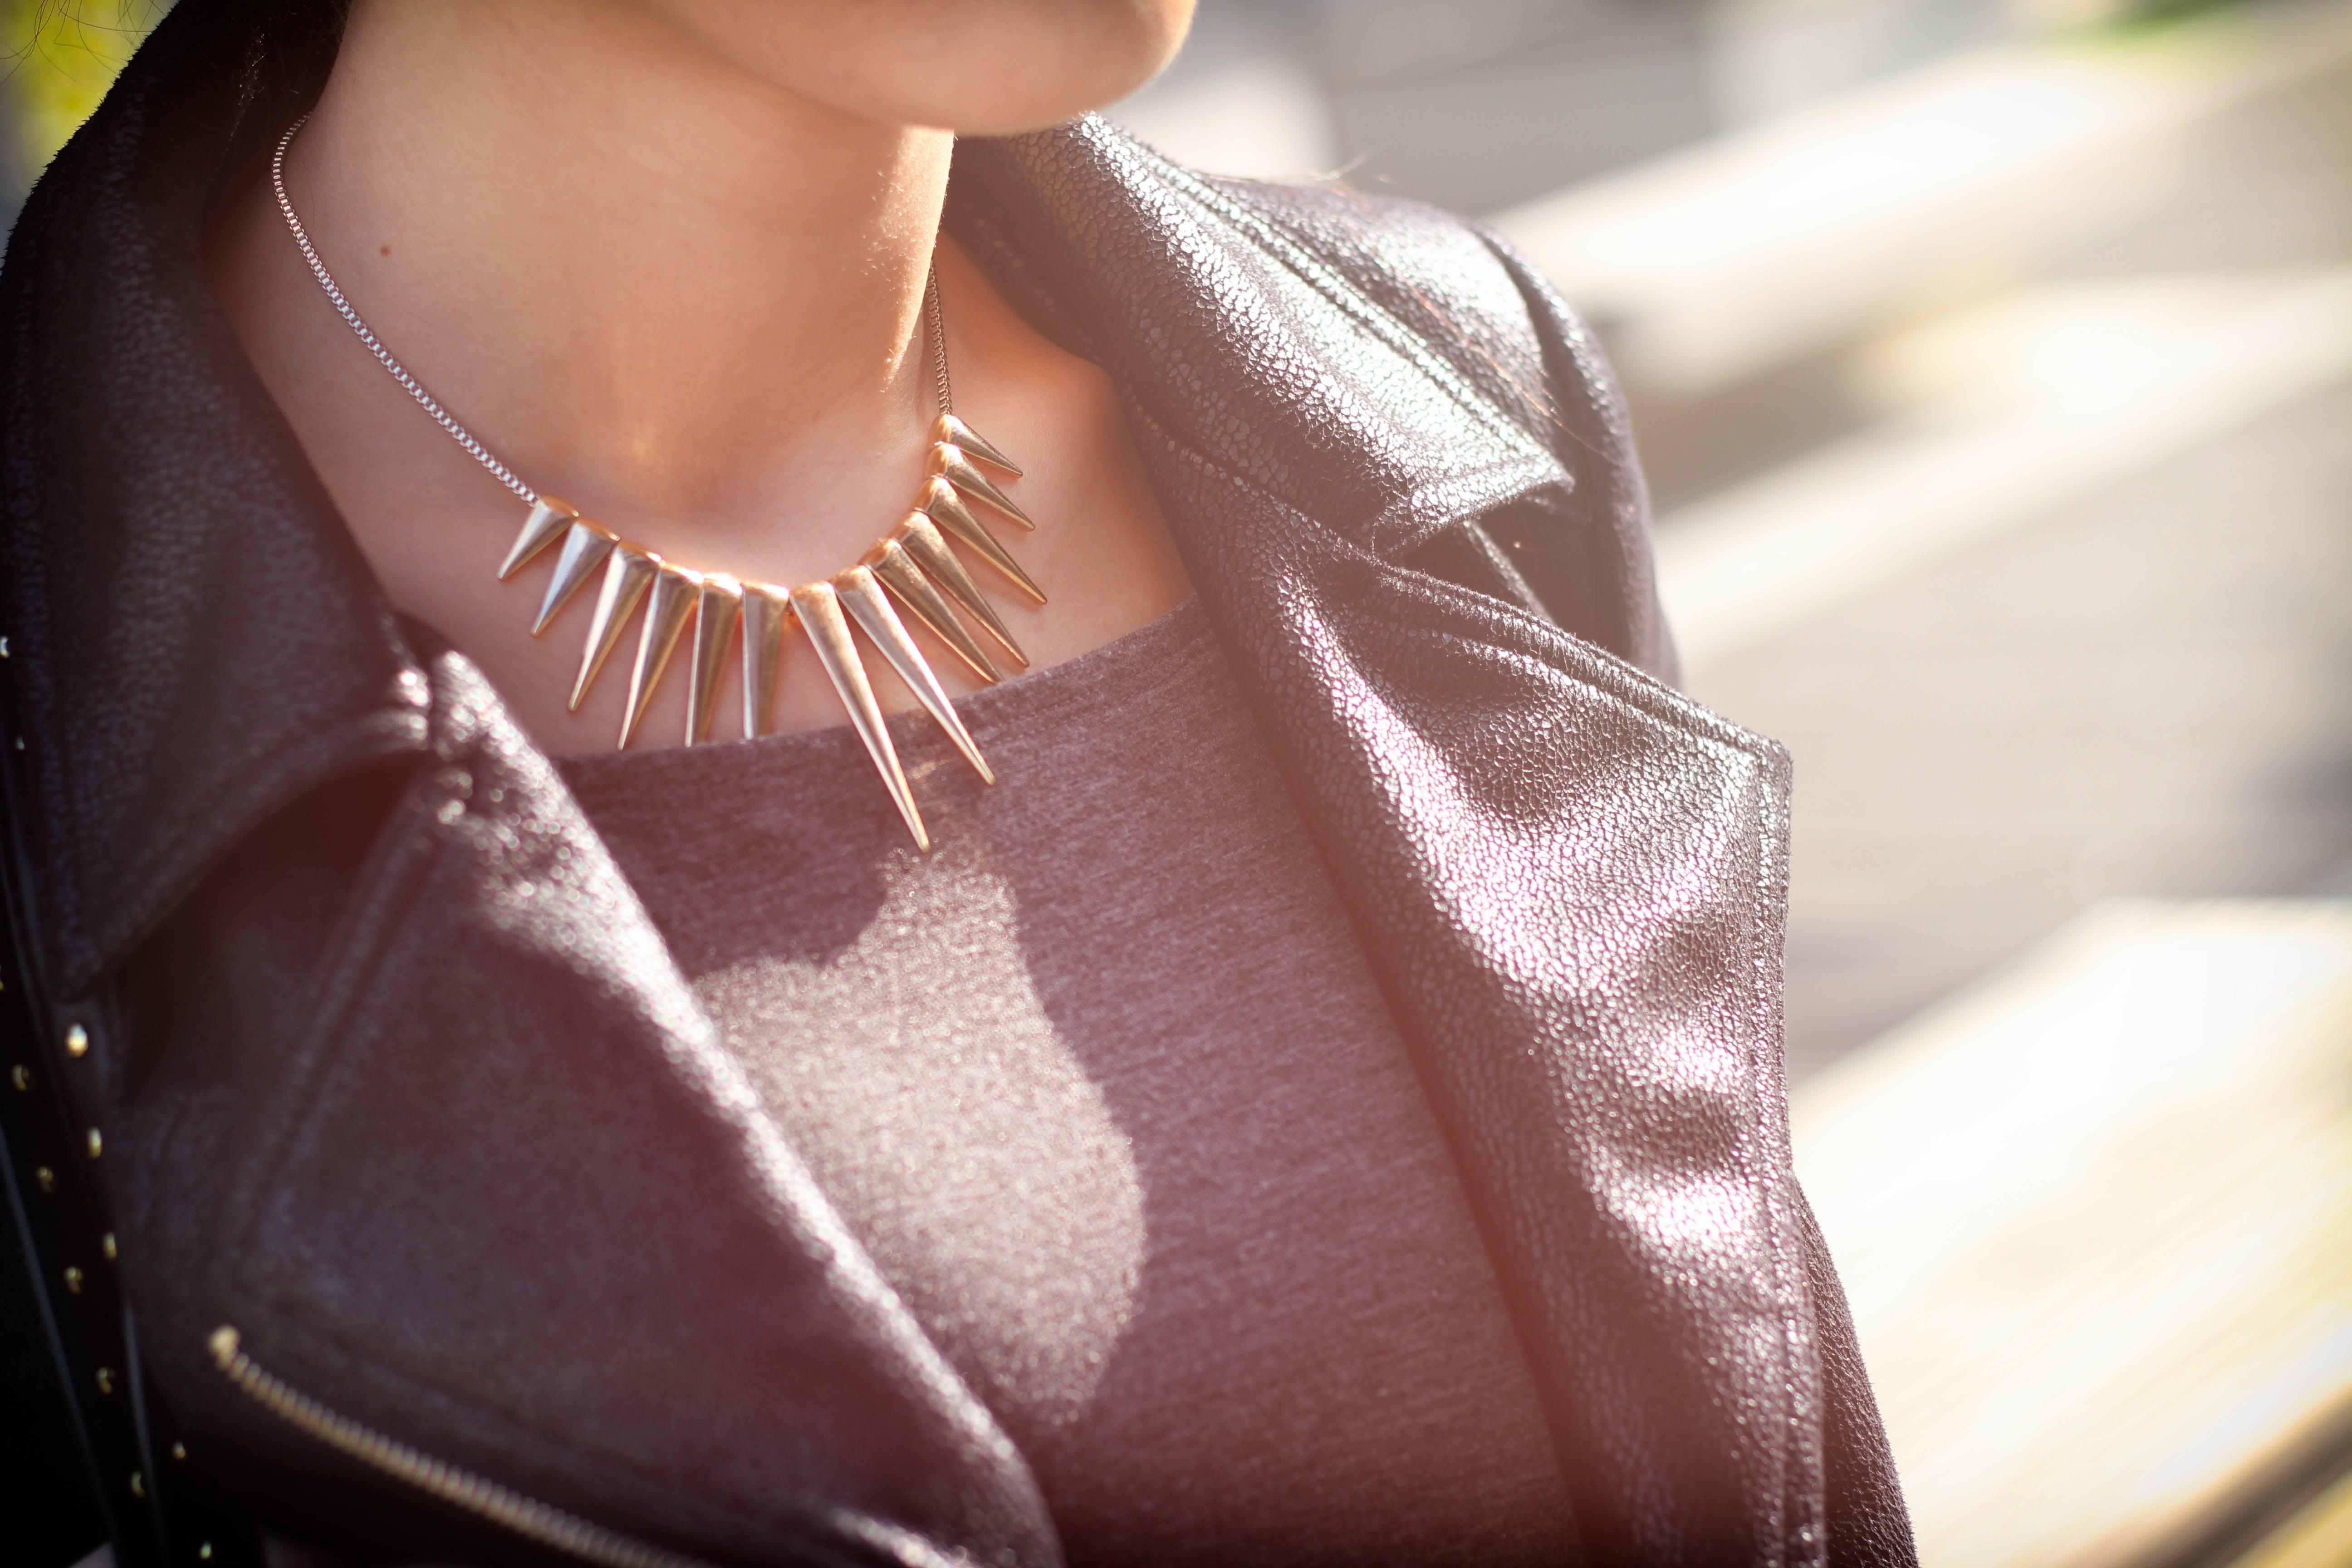 Kostenloses Stock Foto zu frau, hals, nahansicht, neckless